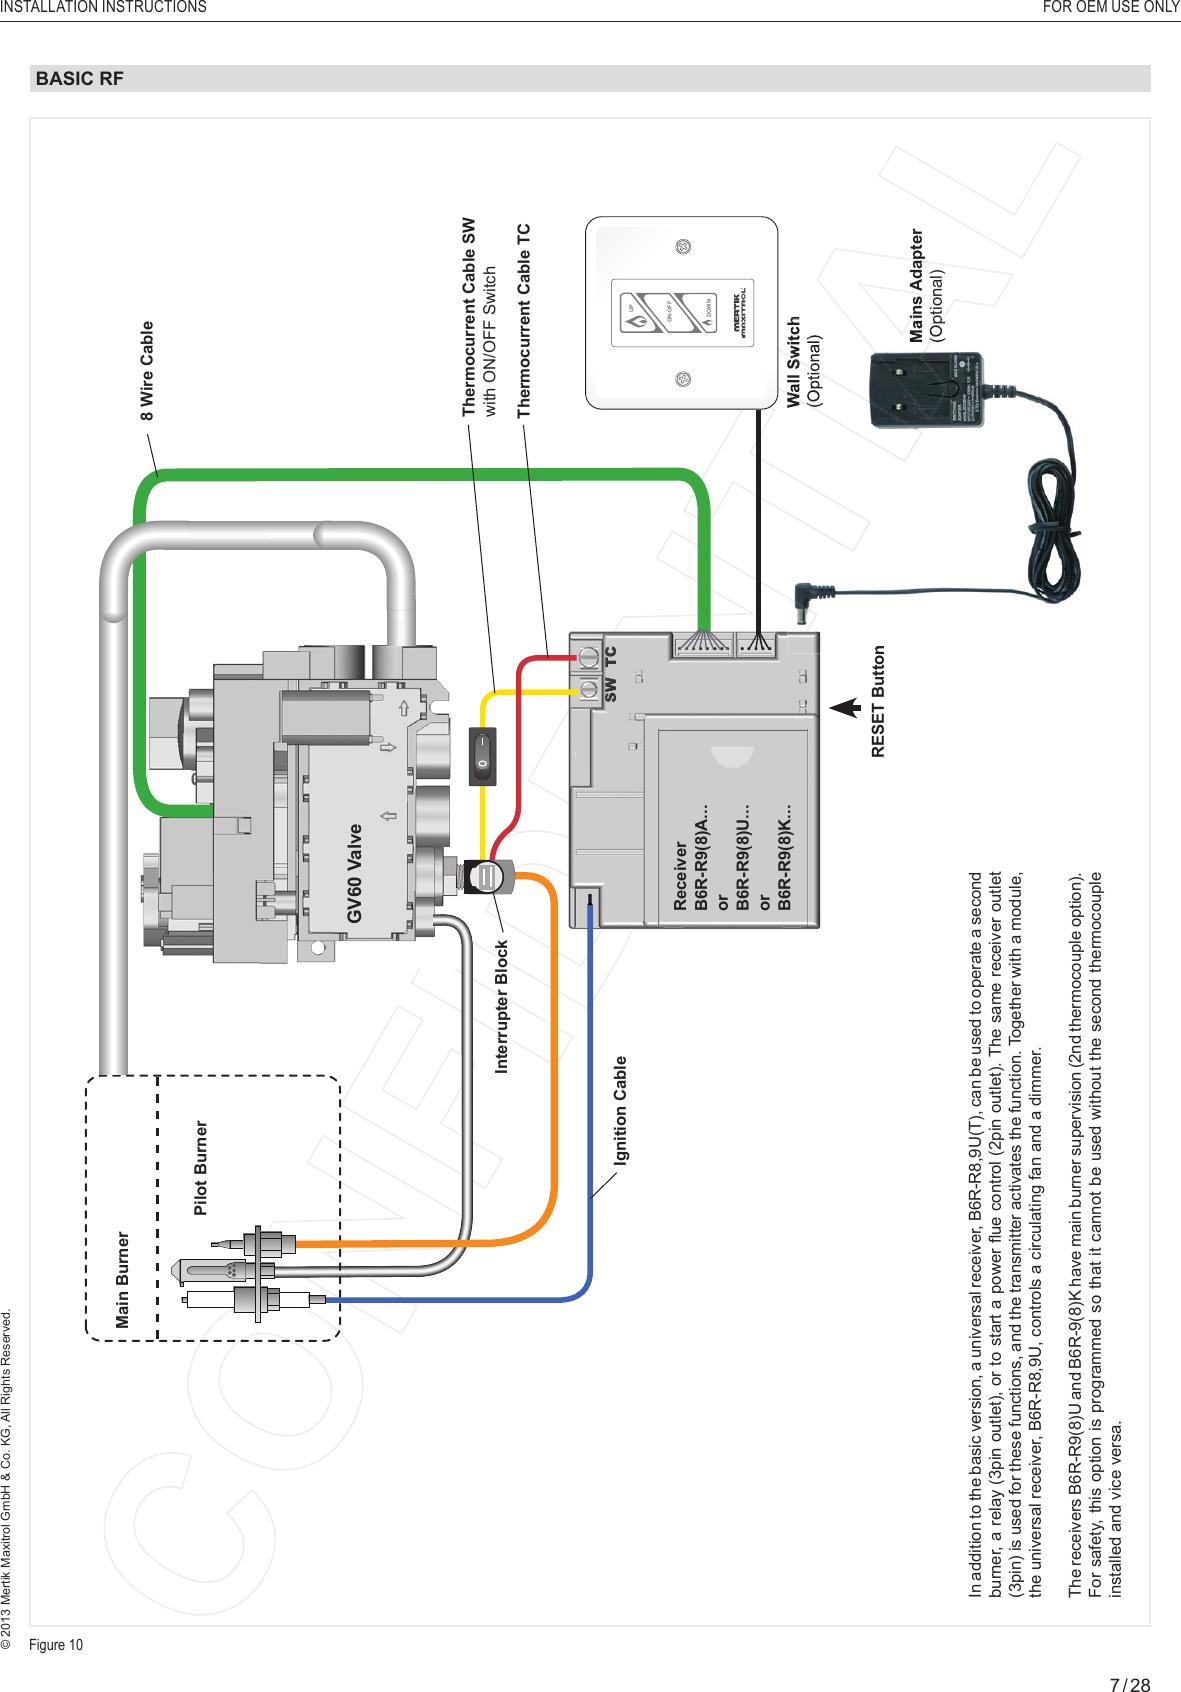 kia oem remote starter user manual